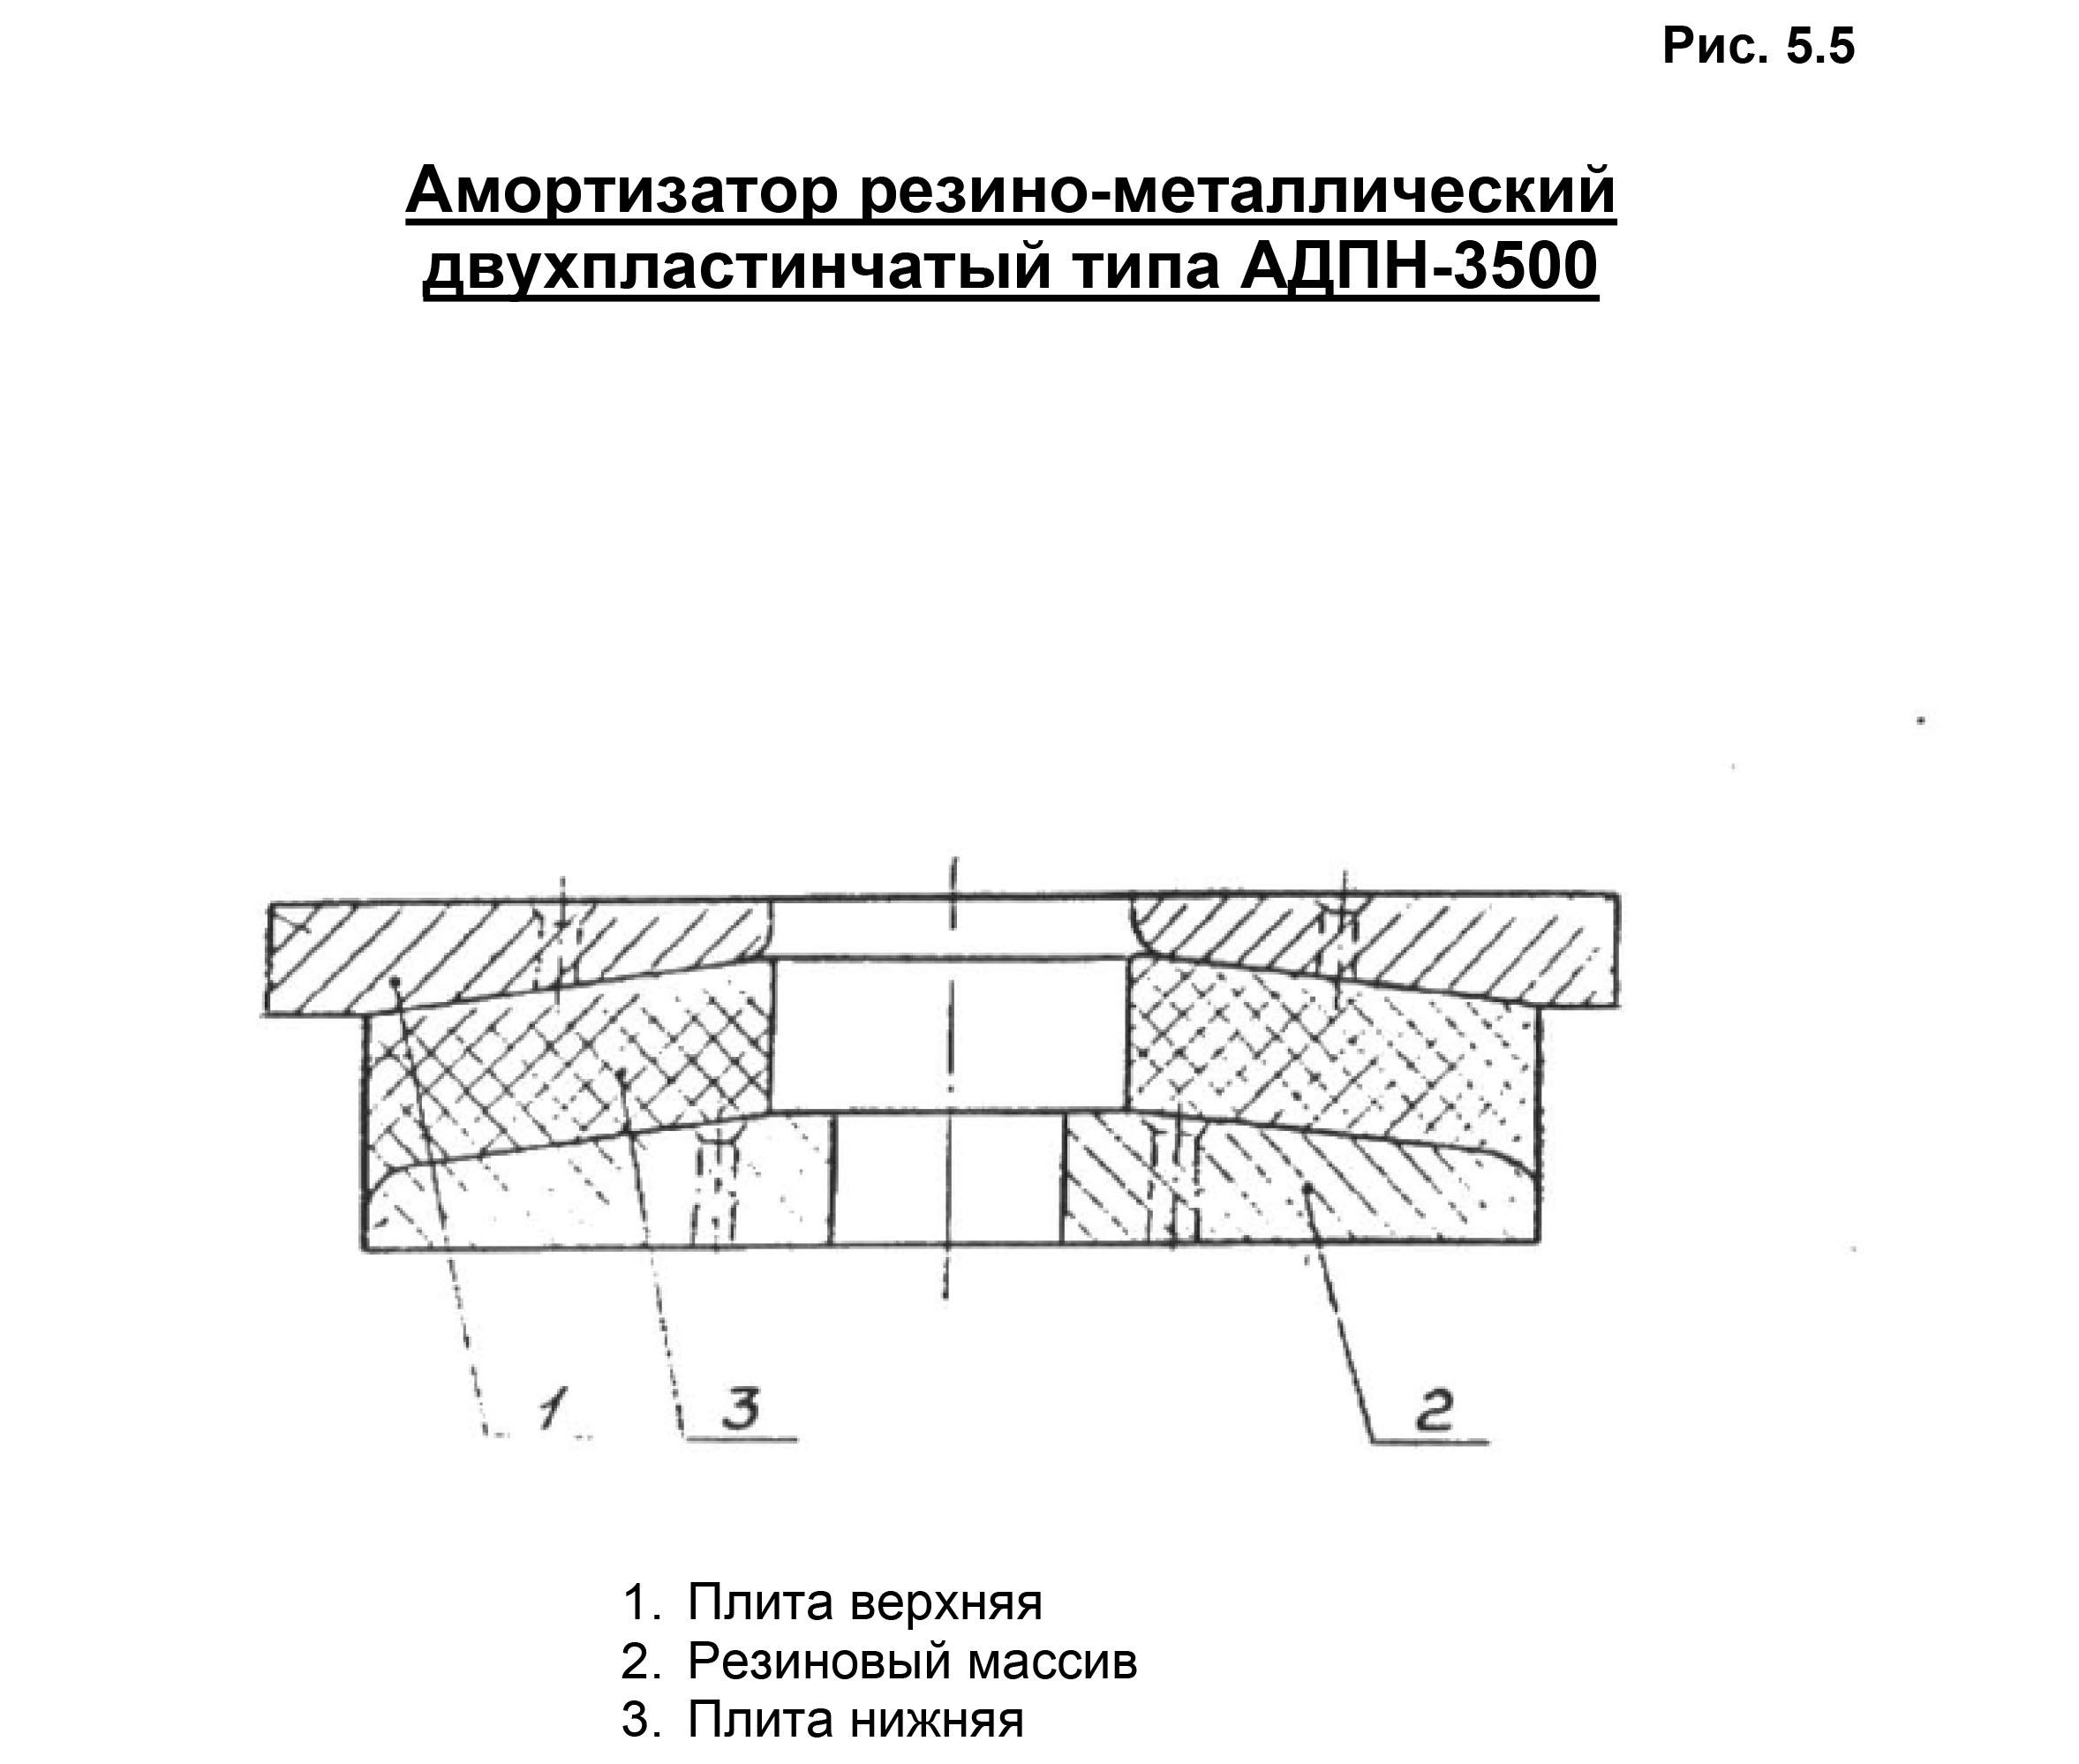 Амортизатор АДПН-3500